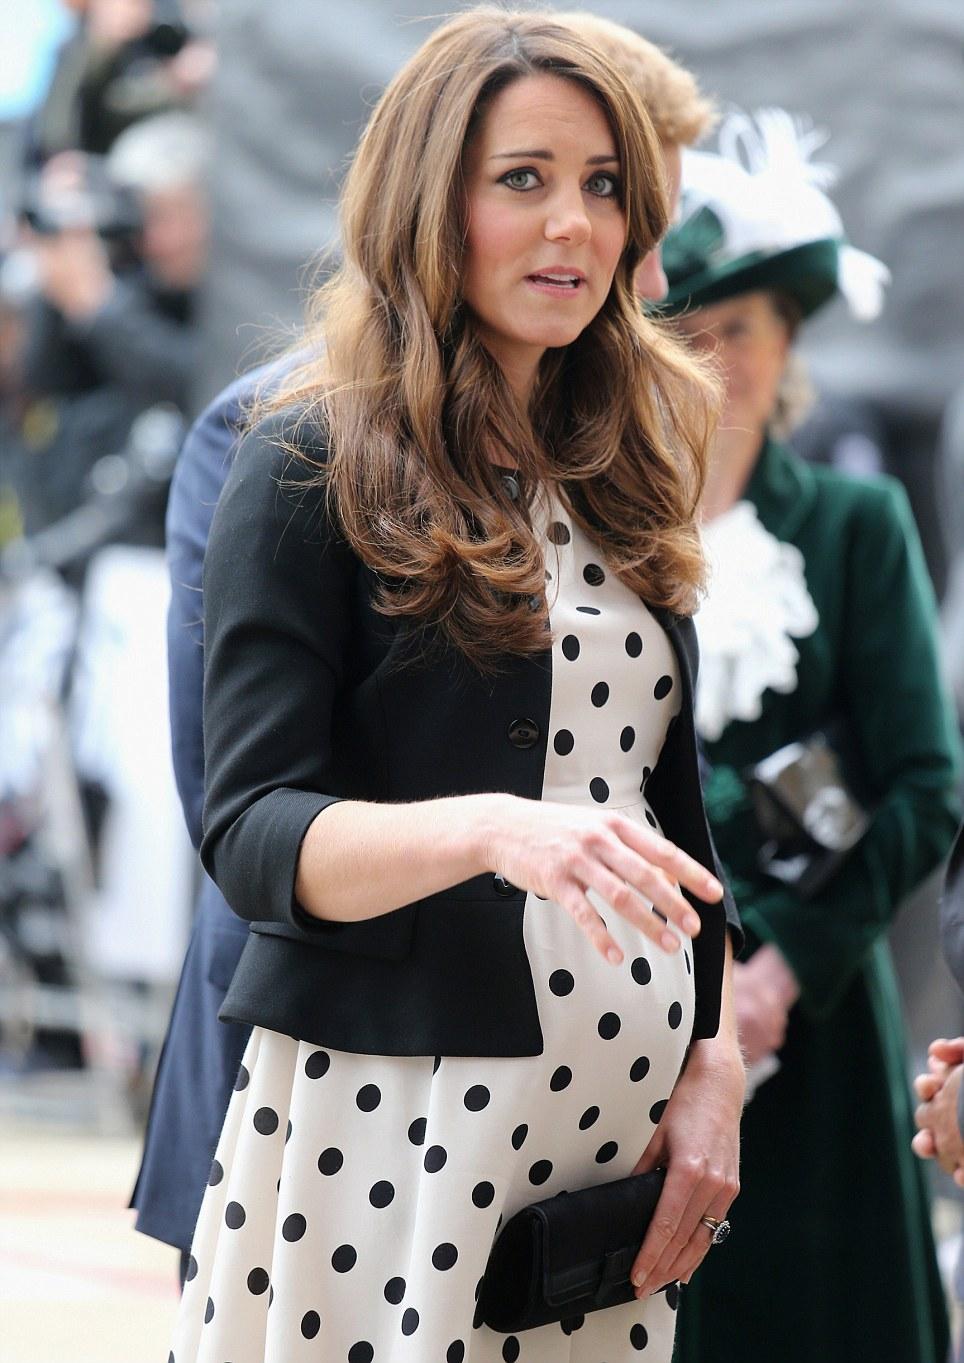 Кейт миддлтон беременна вторым ребенком 52